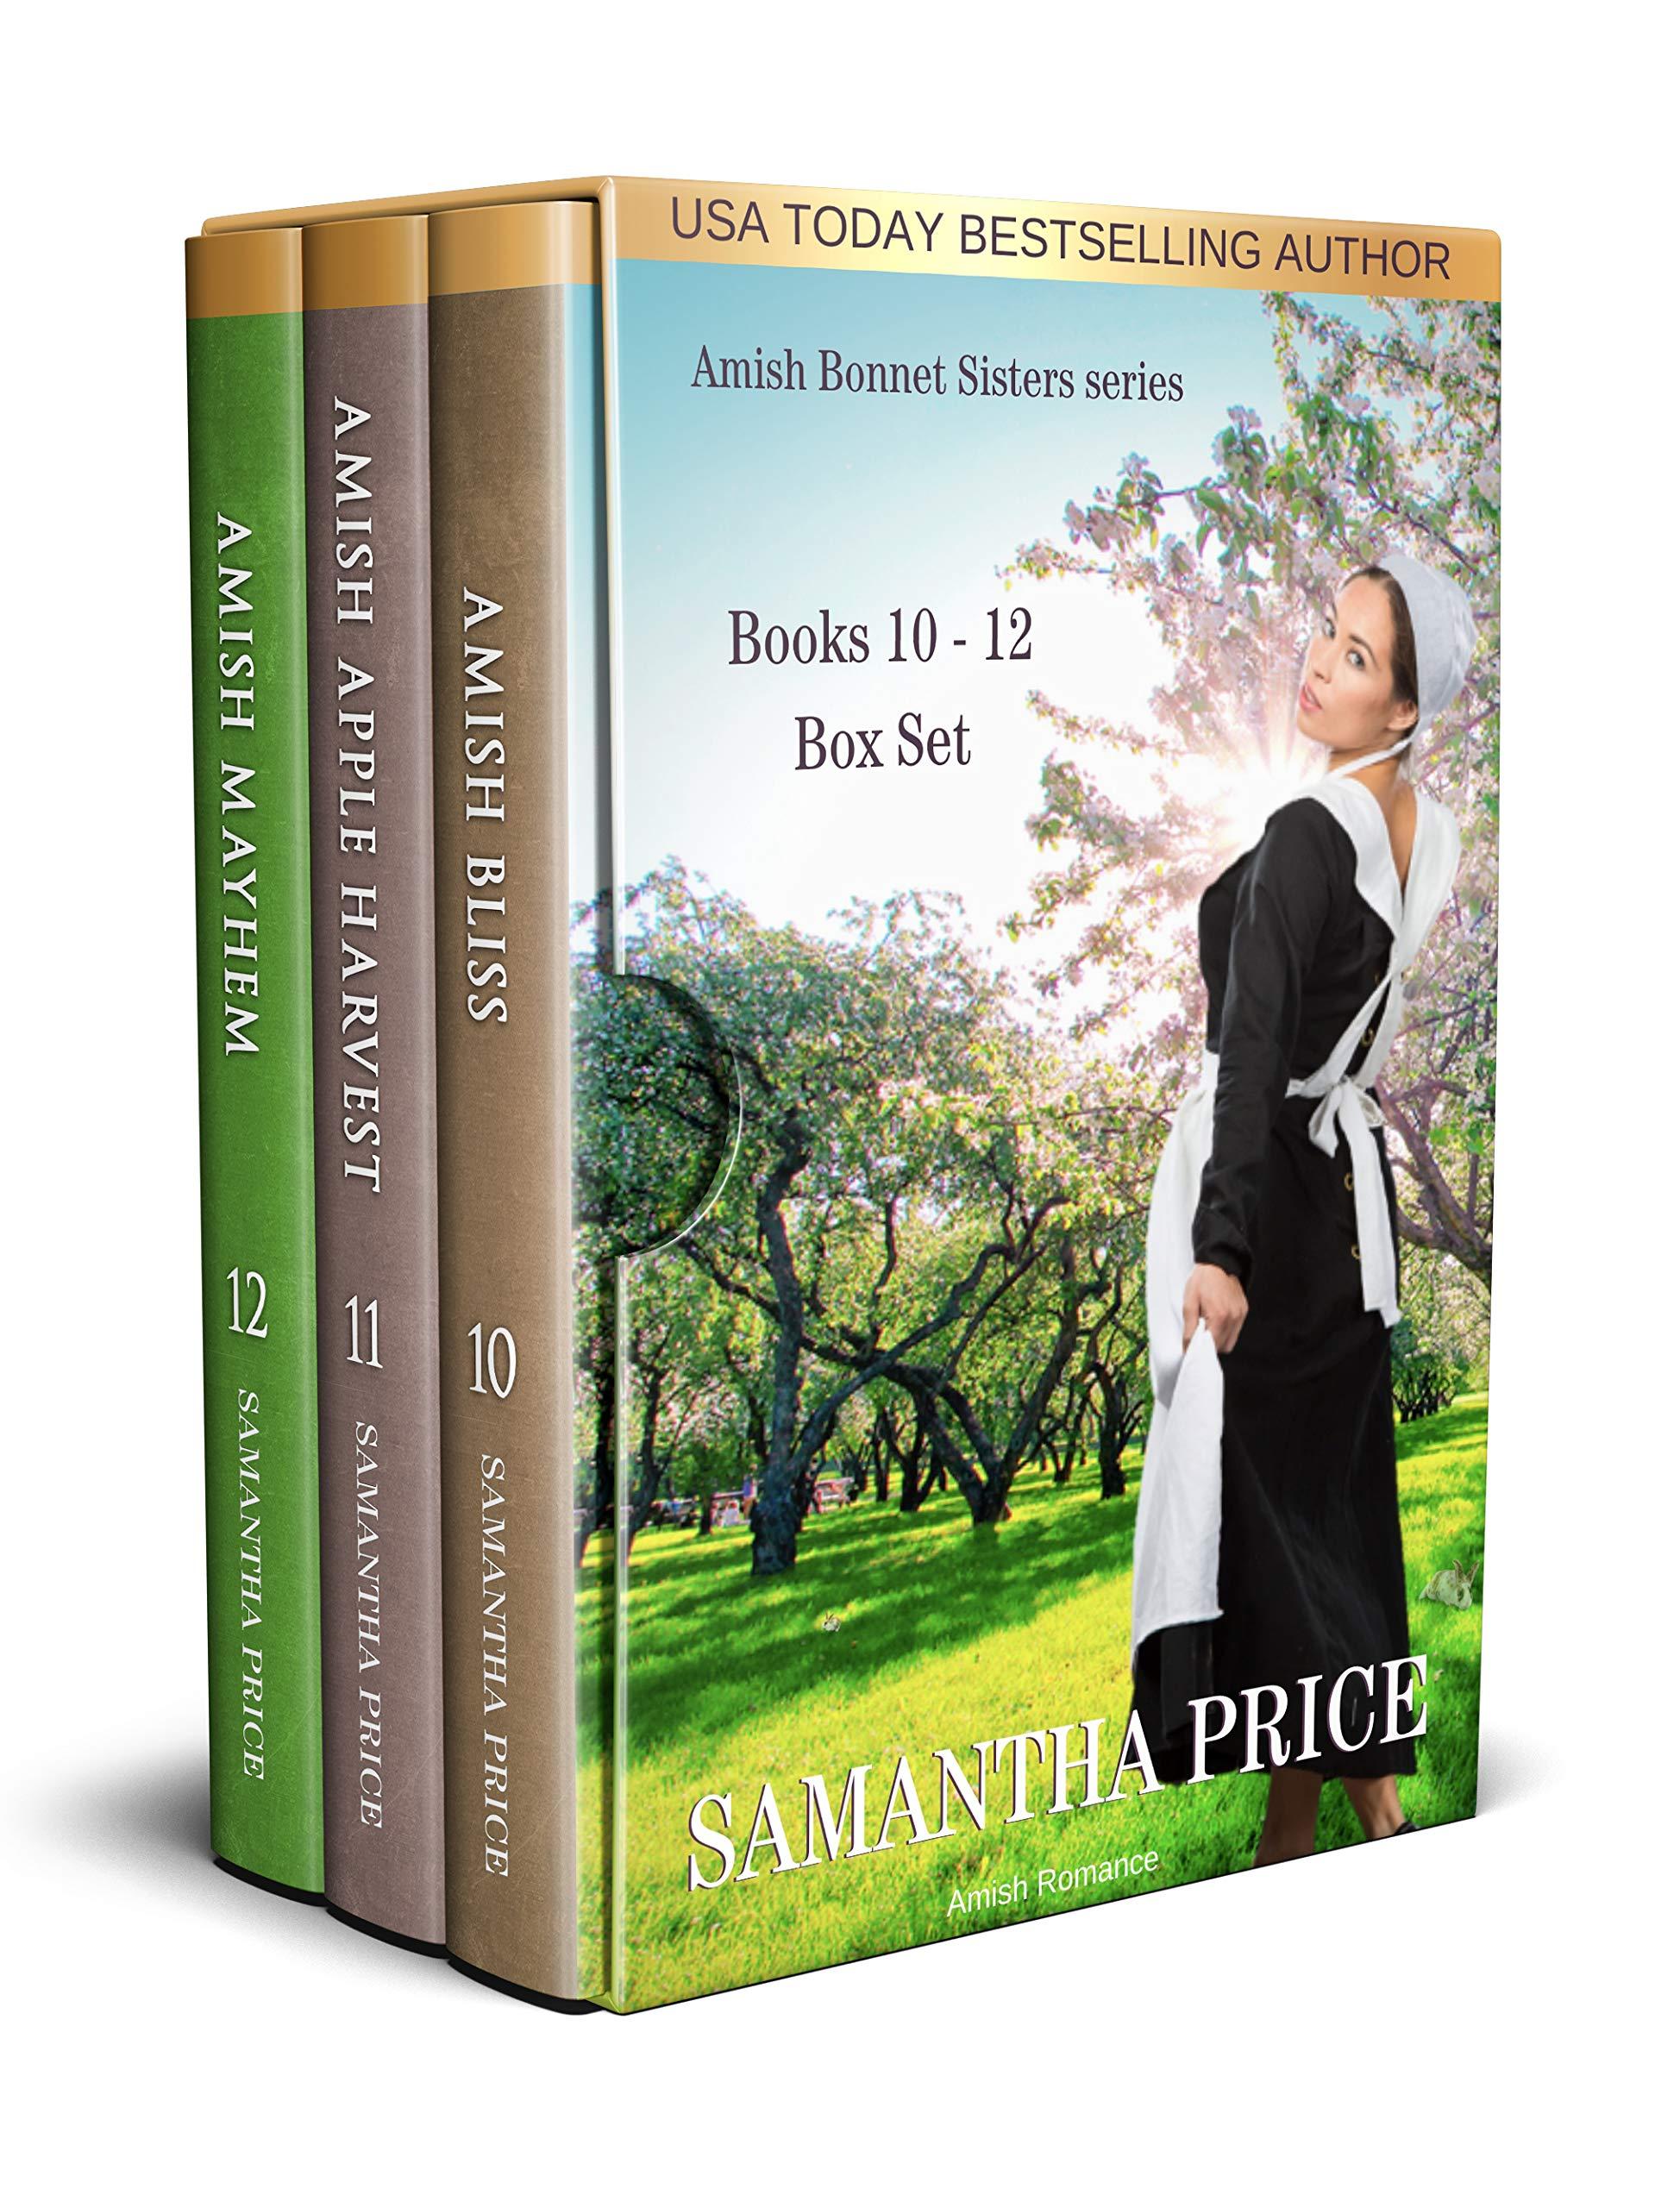 The Amish Bonnet Sisters series: Books 10-12 (Amish Bliss, Amish Apple Harvest, Amish Mayhem): Amish Romance (The Amish Bonnet Sisters Box Set Book 4)